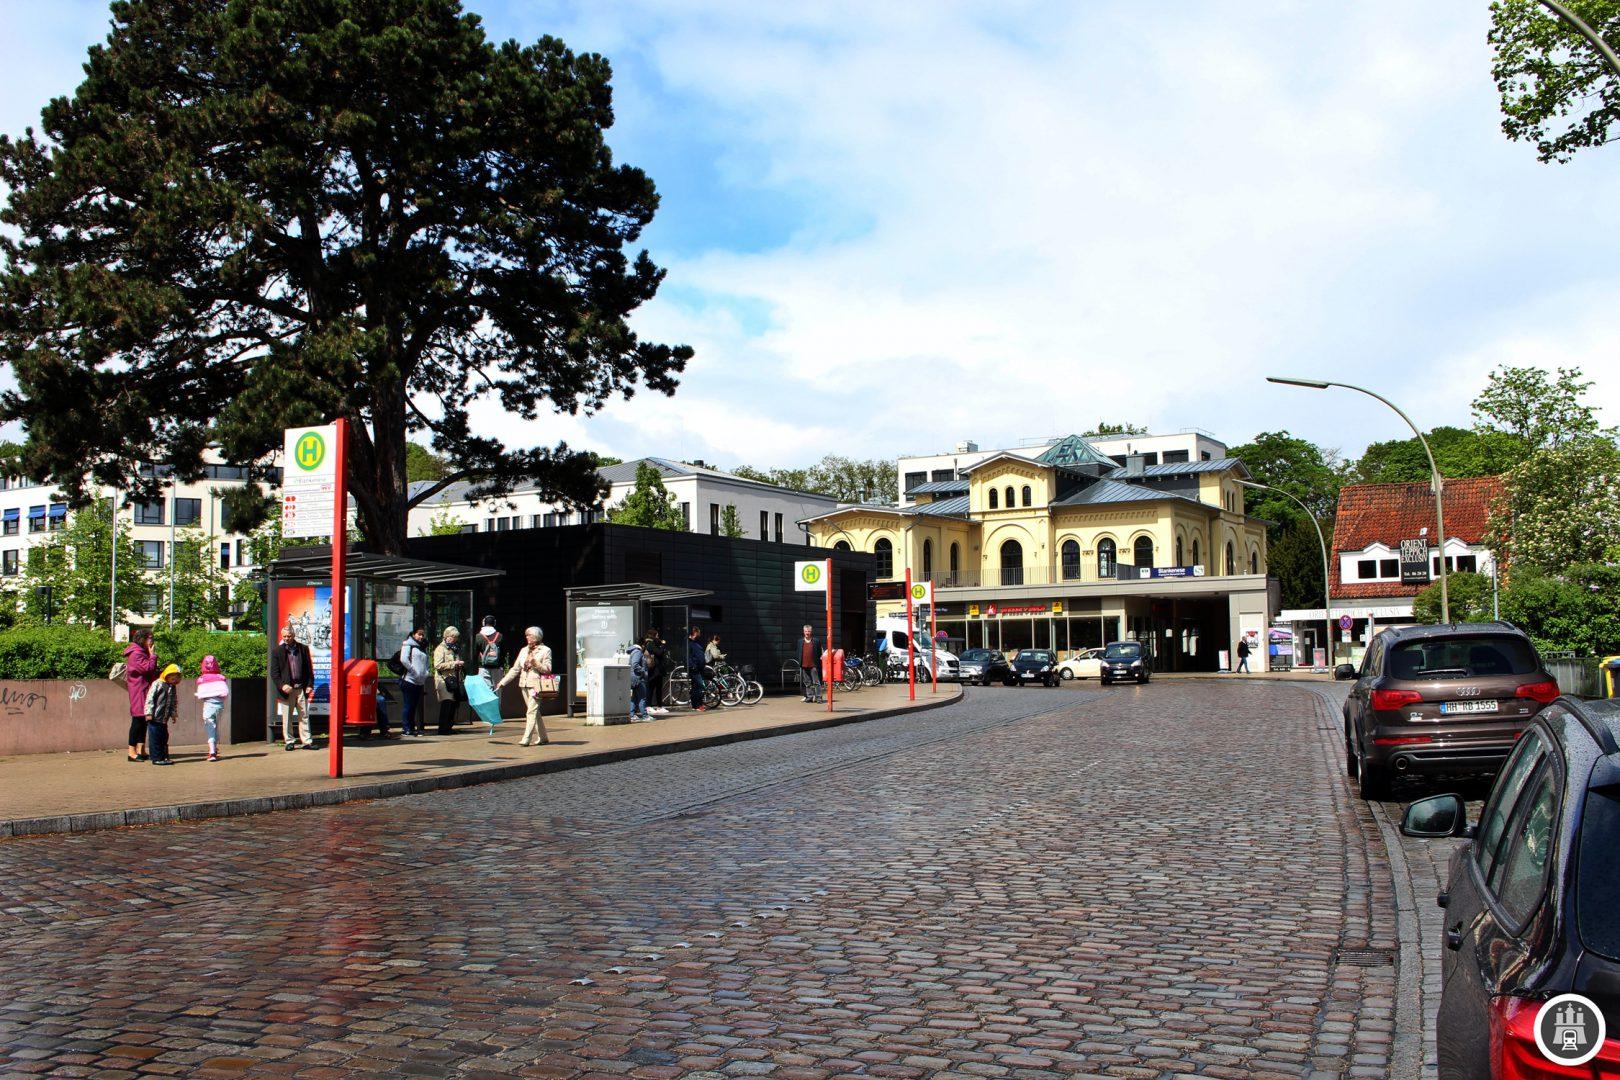 Hier am Blankeneser Bahnhof enden auch die traditionsreichen Blankeneser Kleinbuslinien. Beim Hamburger Omnibus Verein und der VHH ist seit etwa 1954 fast jede Generation der Bergziegen erhalten geblieben